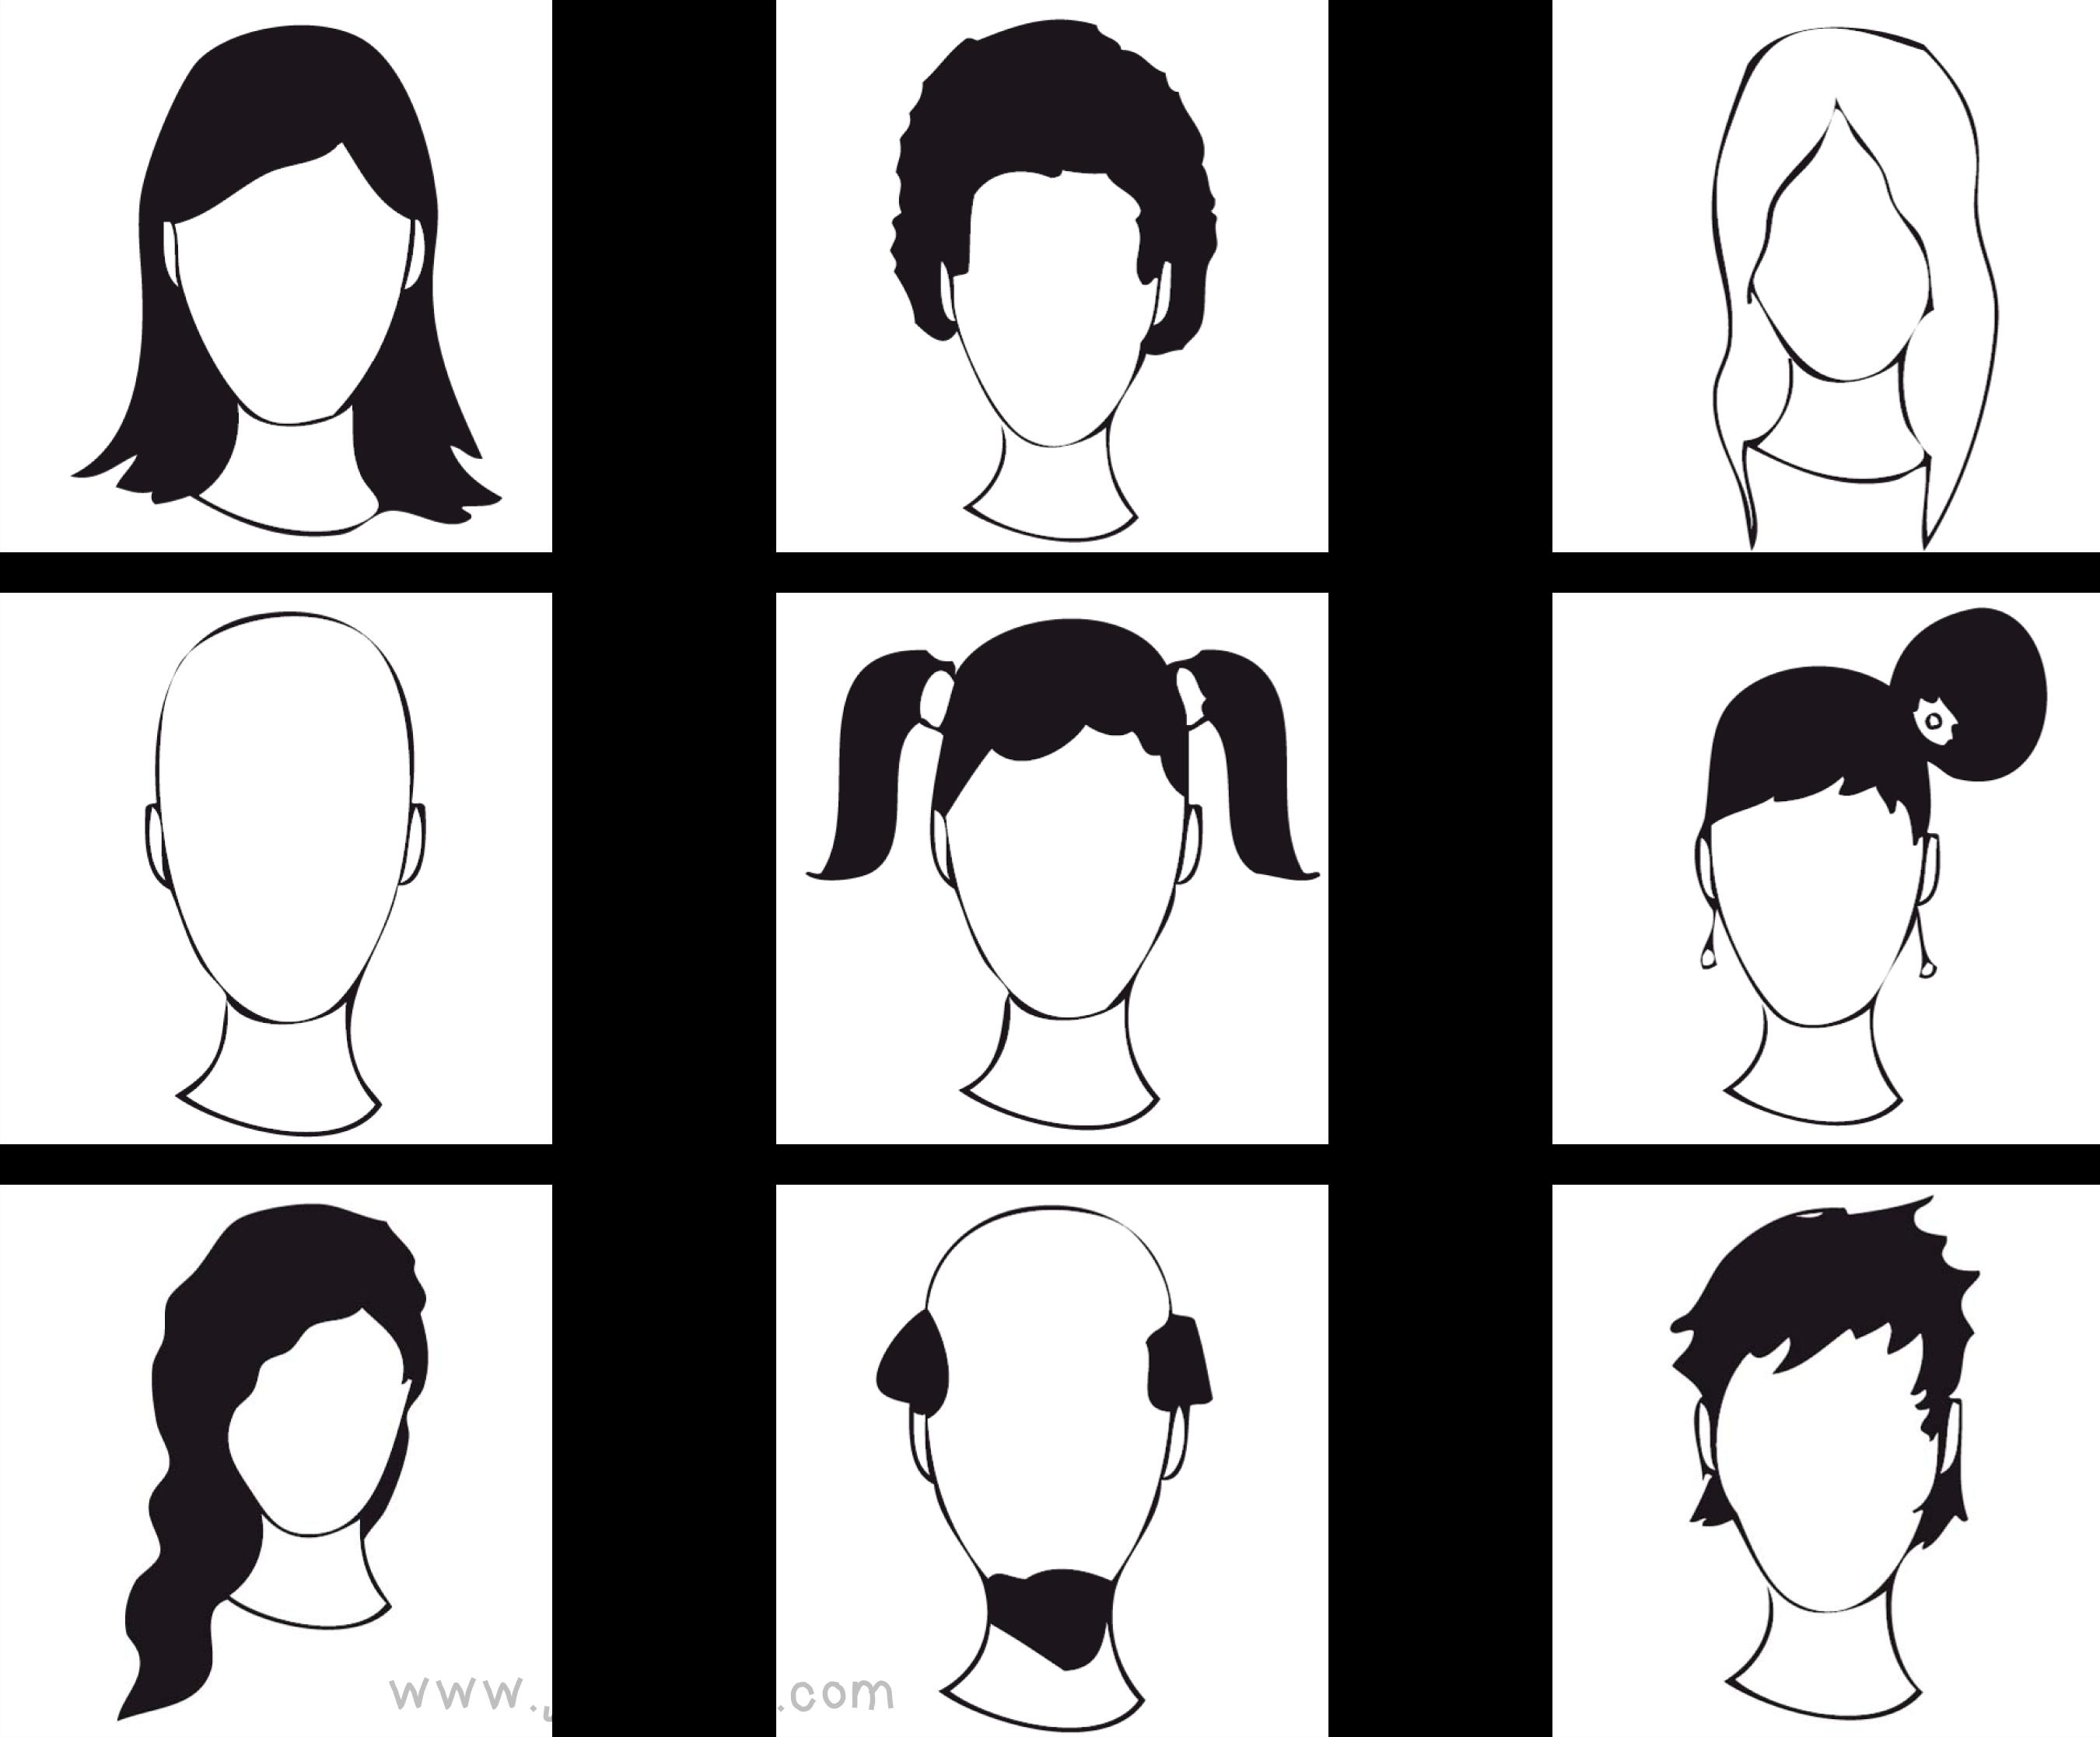 visages_jolicours-print